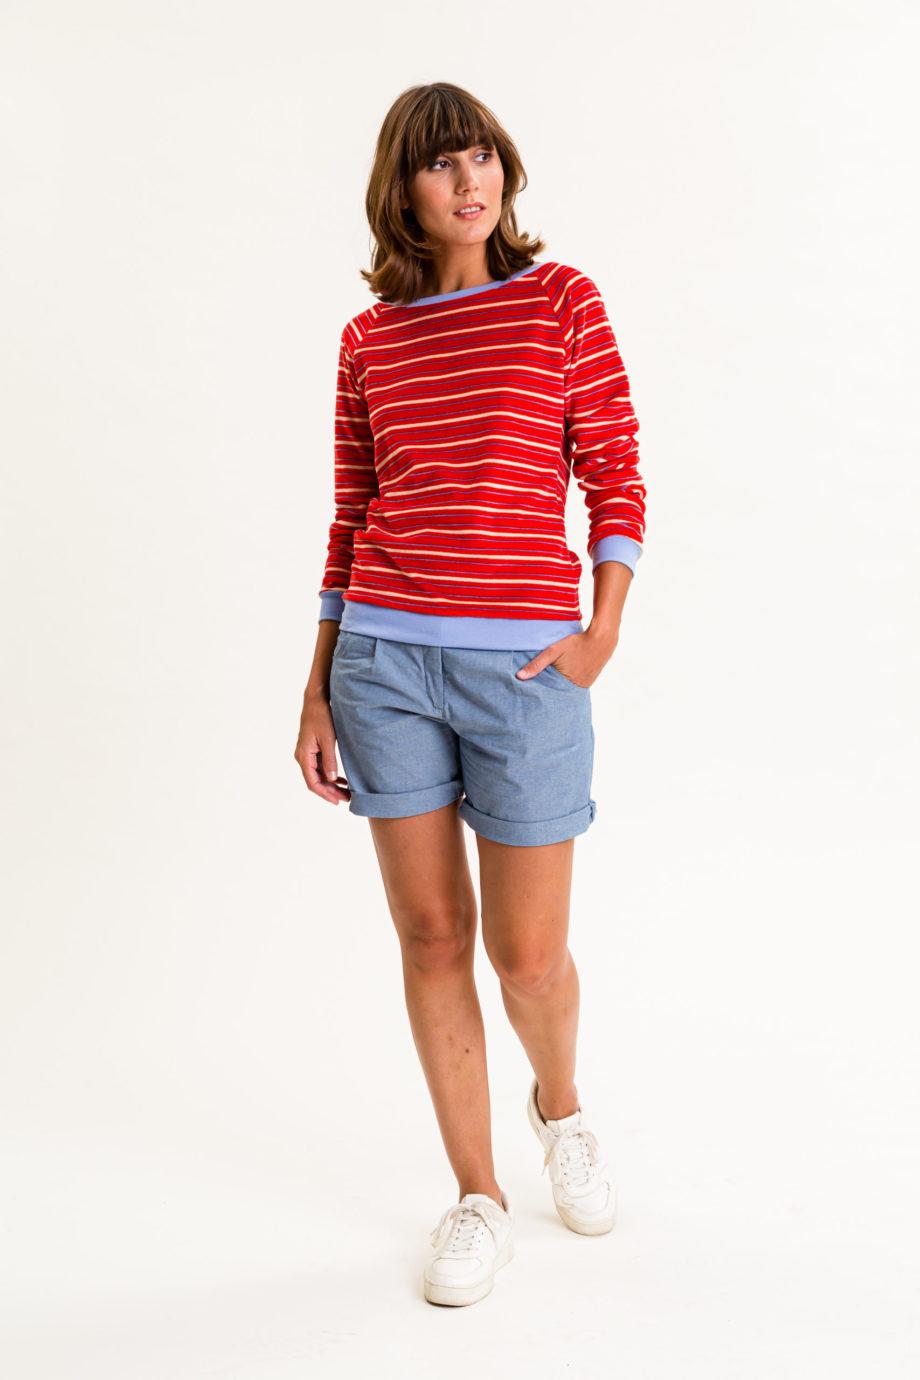 Frau trägt gestreiftes Sweatshirt von UVR CONNECTED (LORAINA) aus rotem Nicki-Stoff mit U-Boot-Ausschnitt und hellblauen Bündchen an Hüfte und Ärmeln. Fair produziert in Europa. / Vorderansicht / pussyGALORE / Leipzig